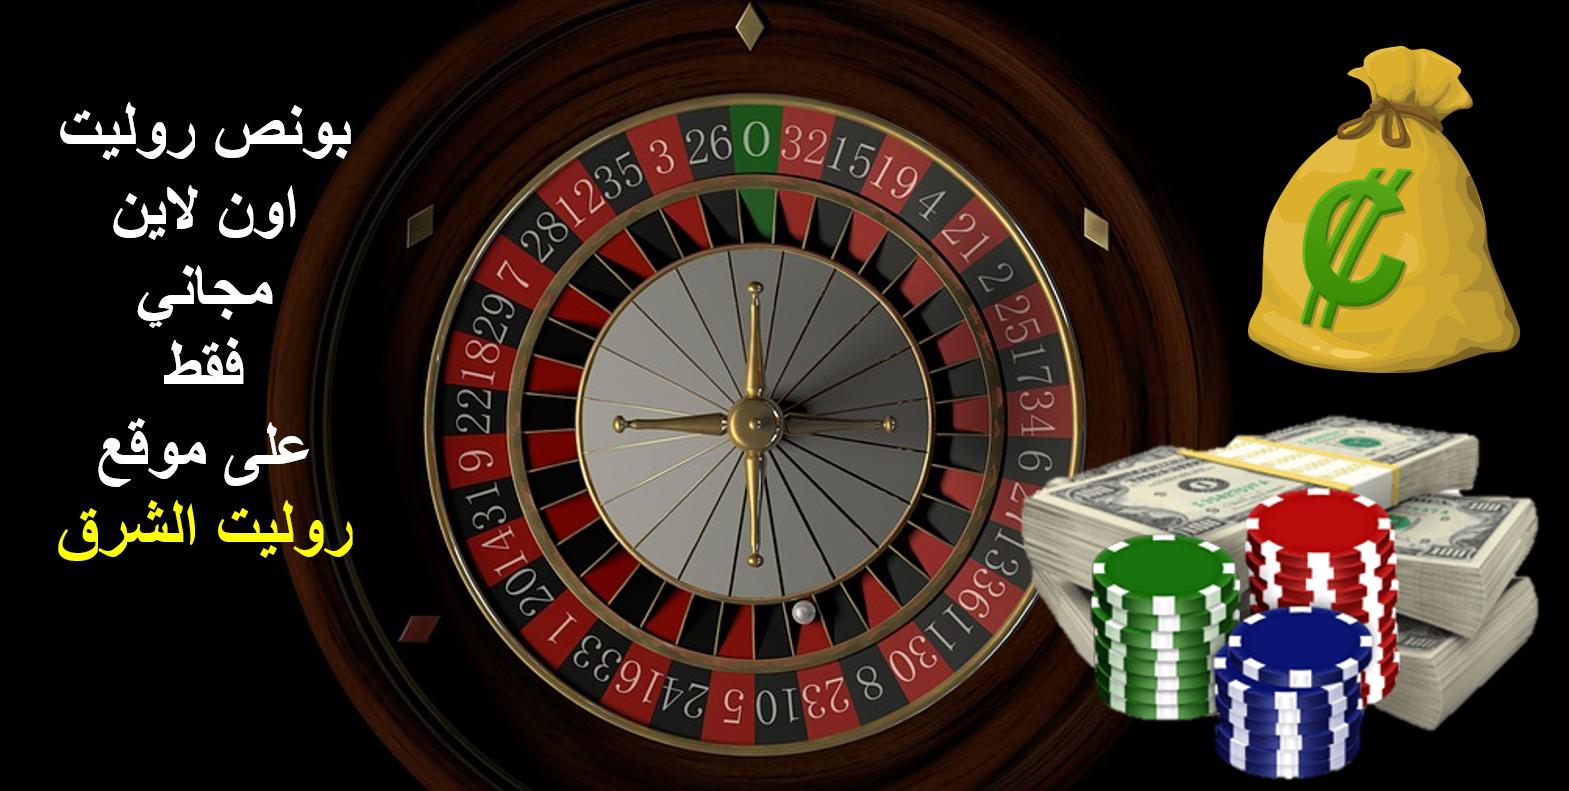 لعبة روليت 231598